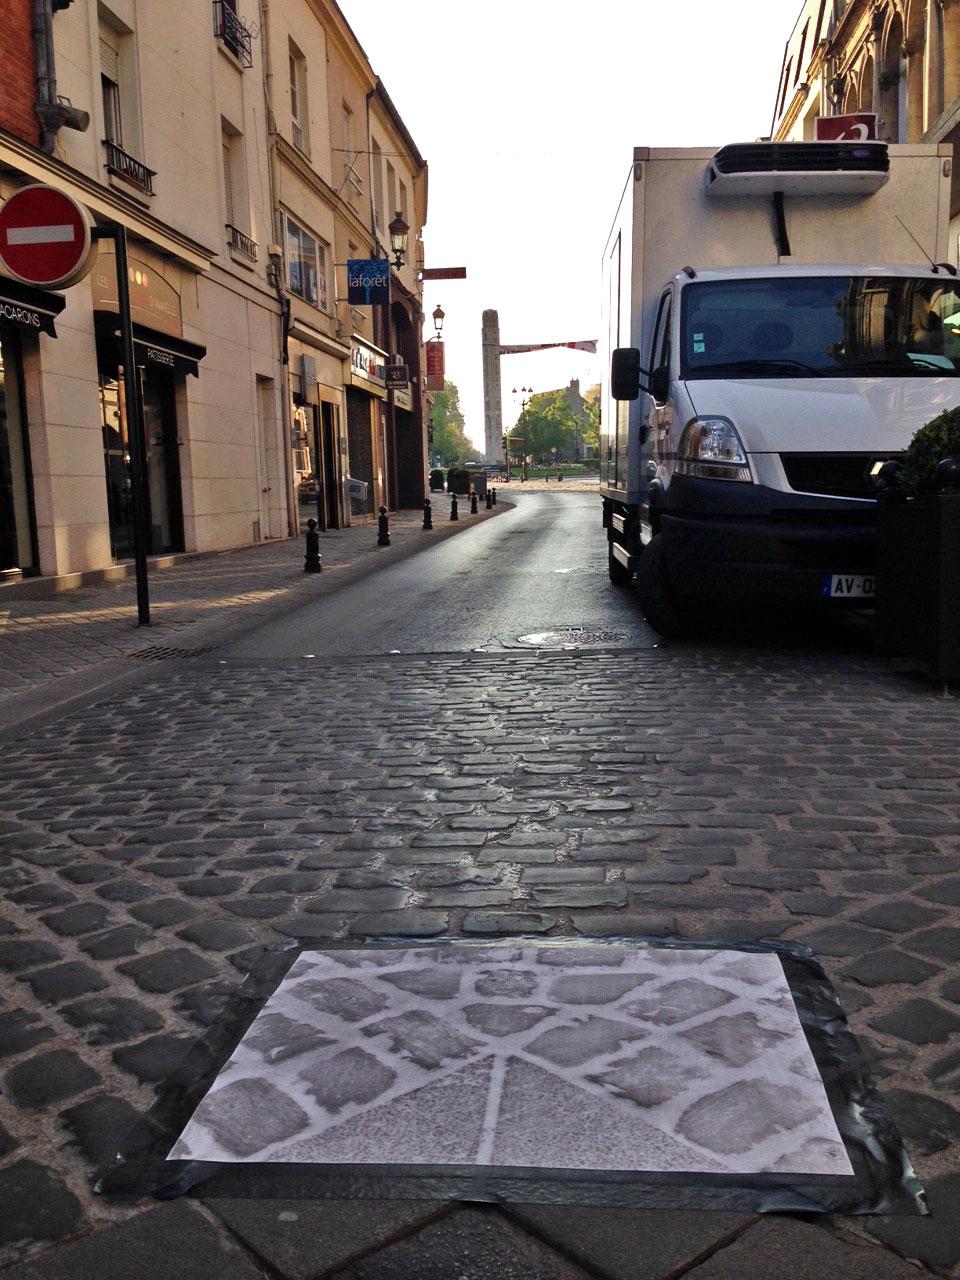 Street-Print-in-progress-Ay-France-2015a_x1